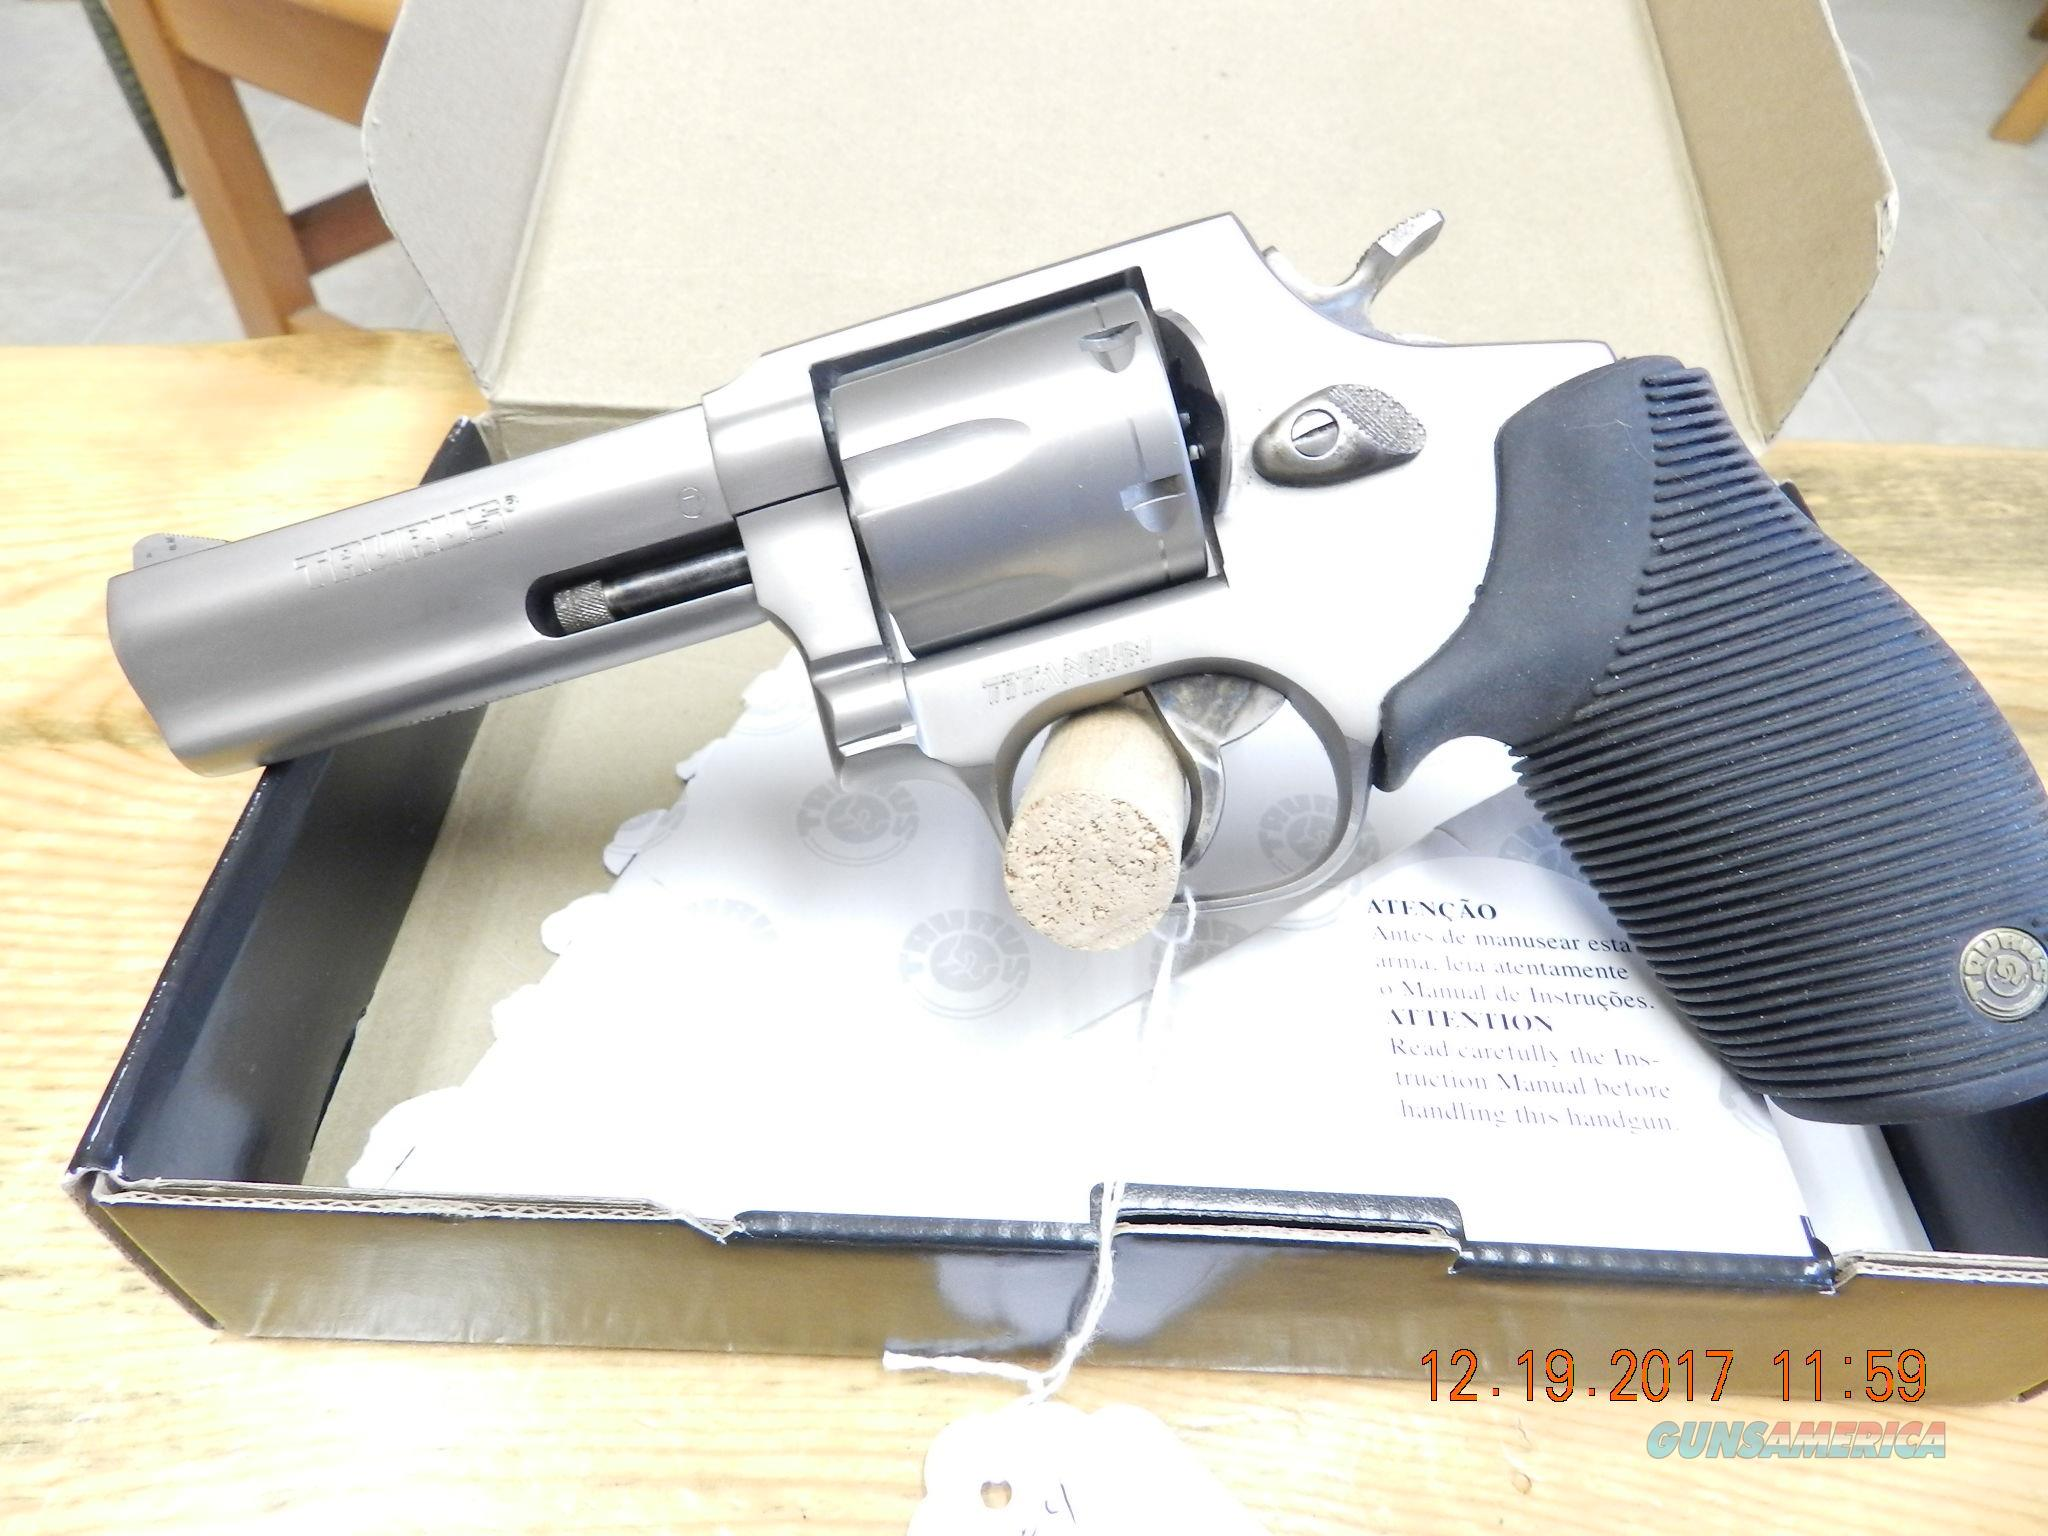 Taurus  Rare Titanium 616 357 magnum  Guns > Pistols > Taurus Pistols > Revolvers